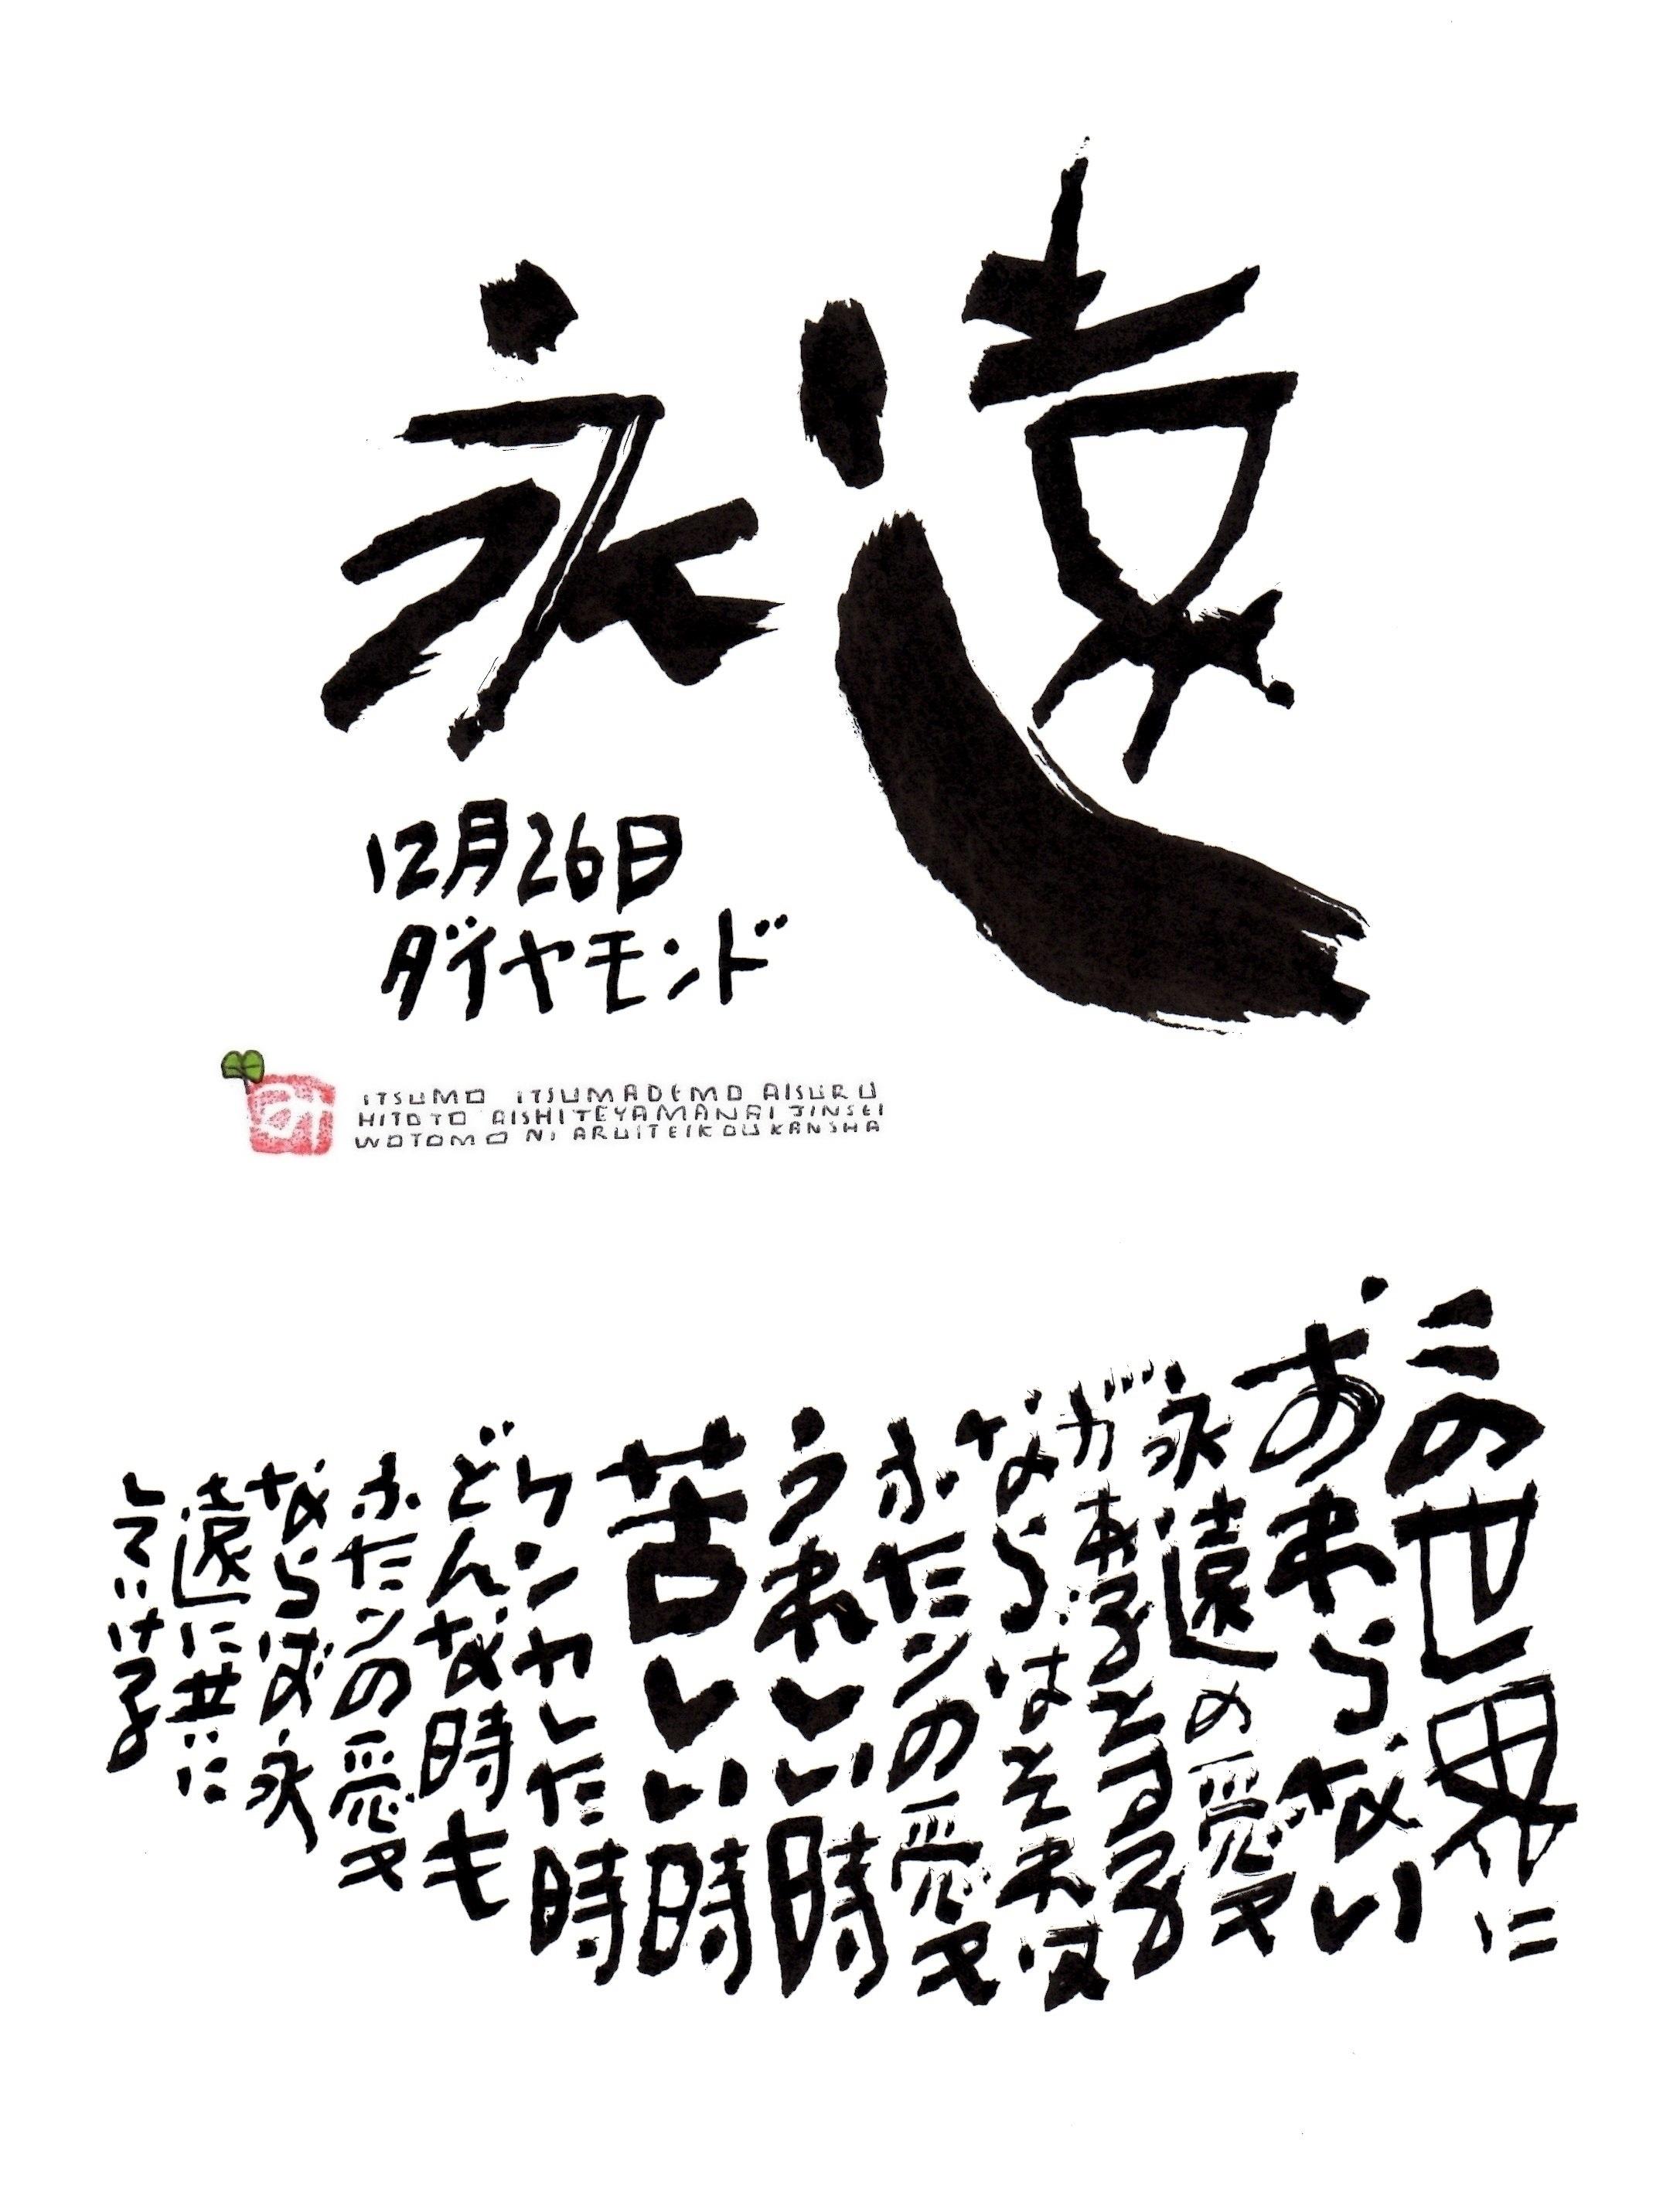 12月26日 結婚記念日ポストカード【永遠】